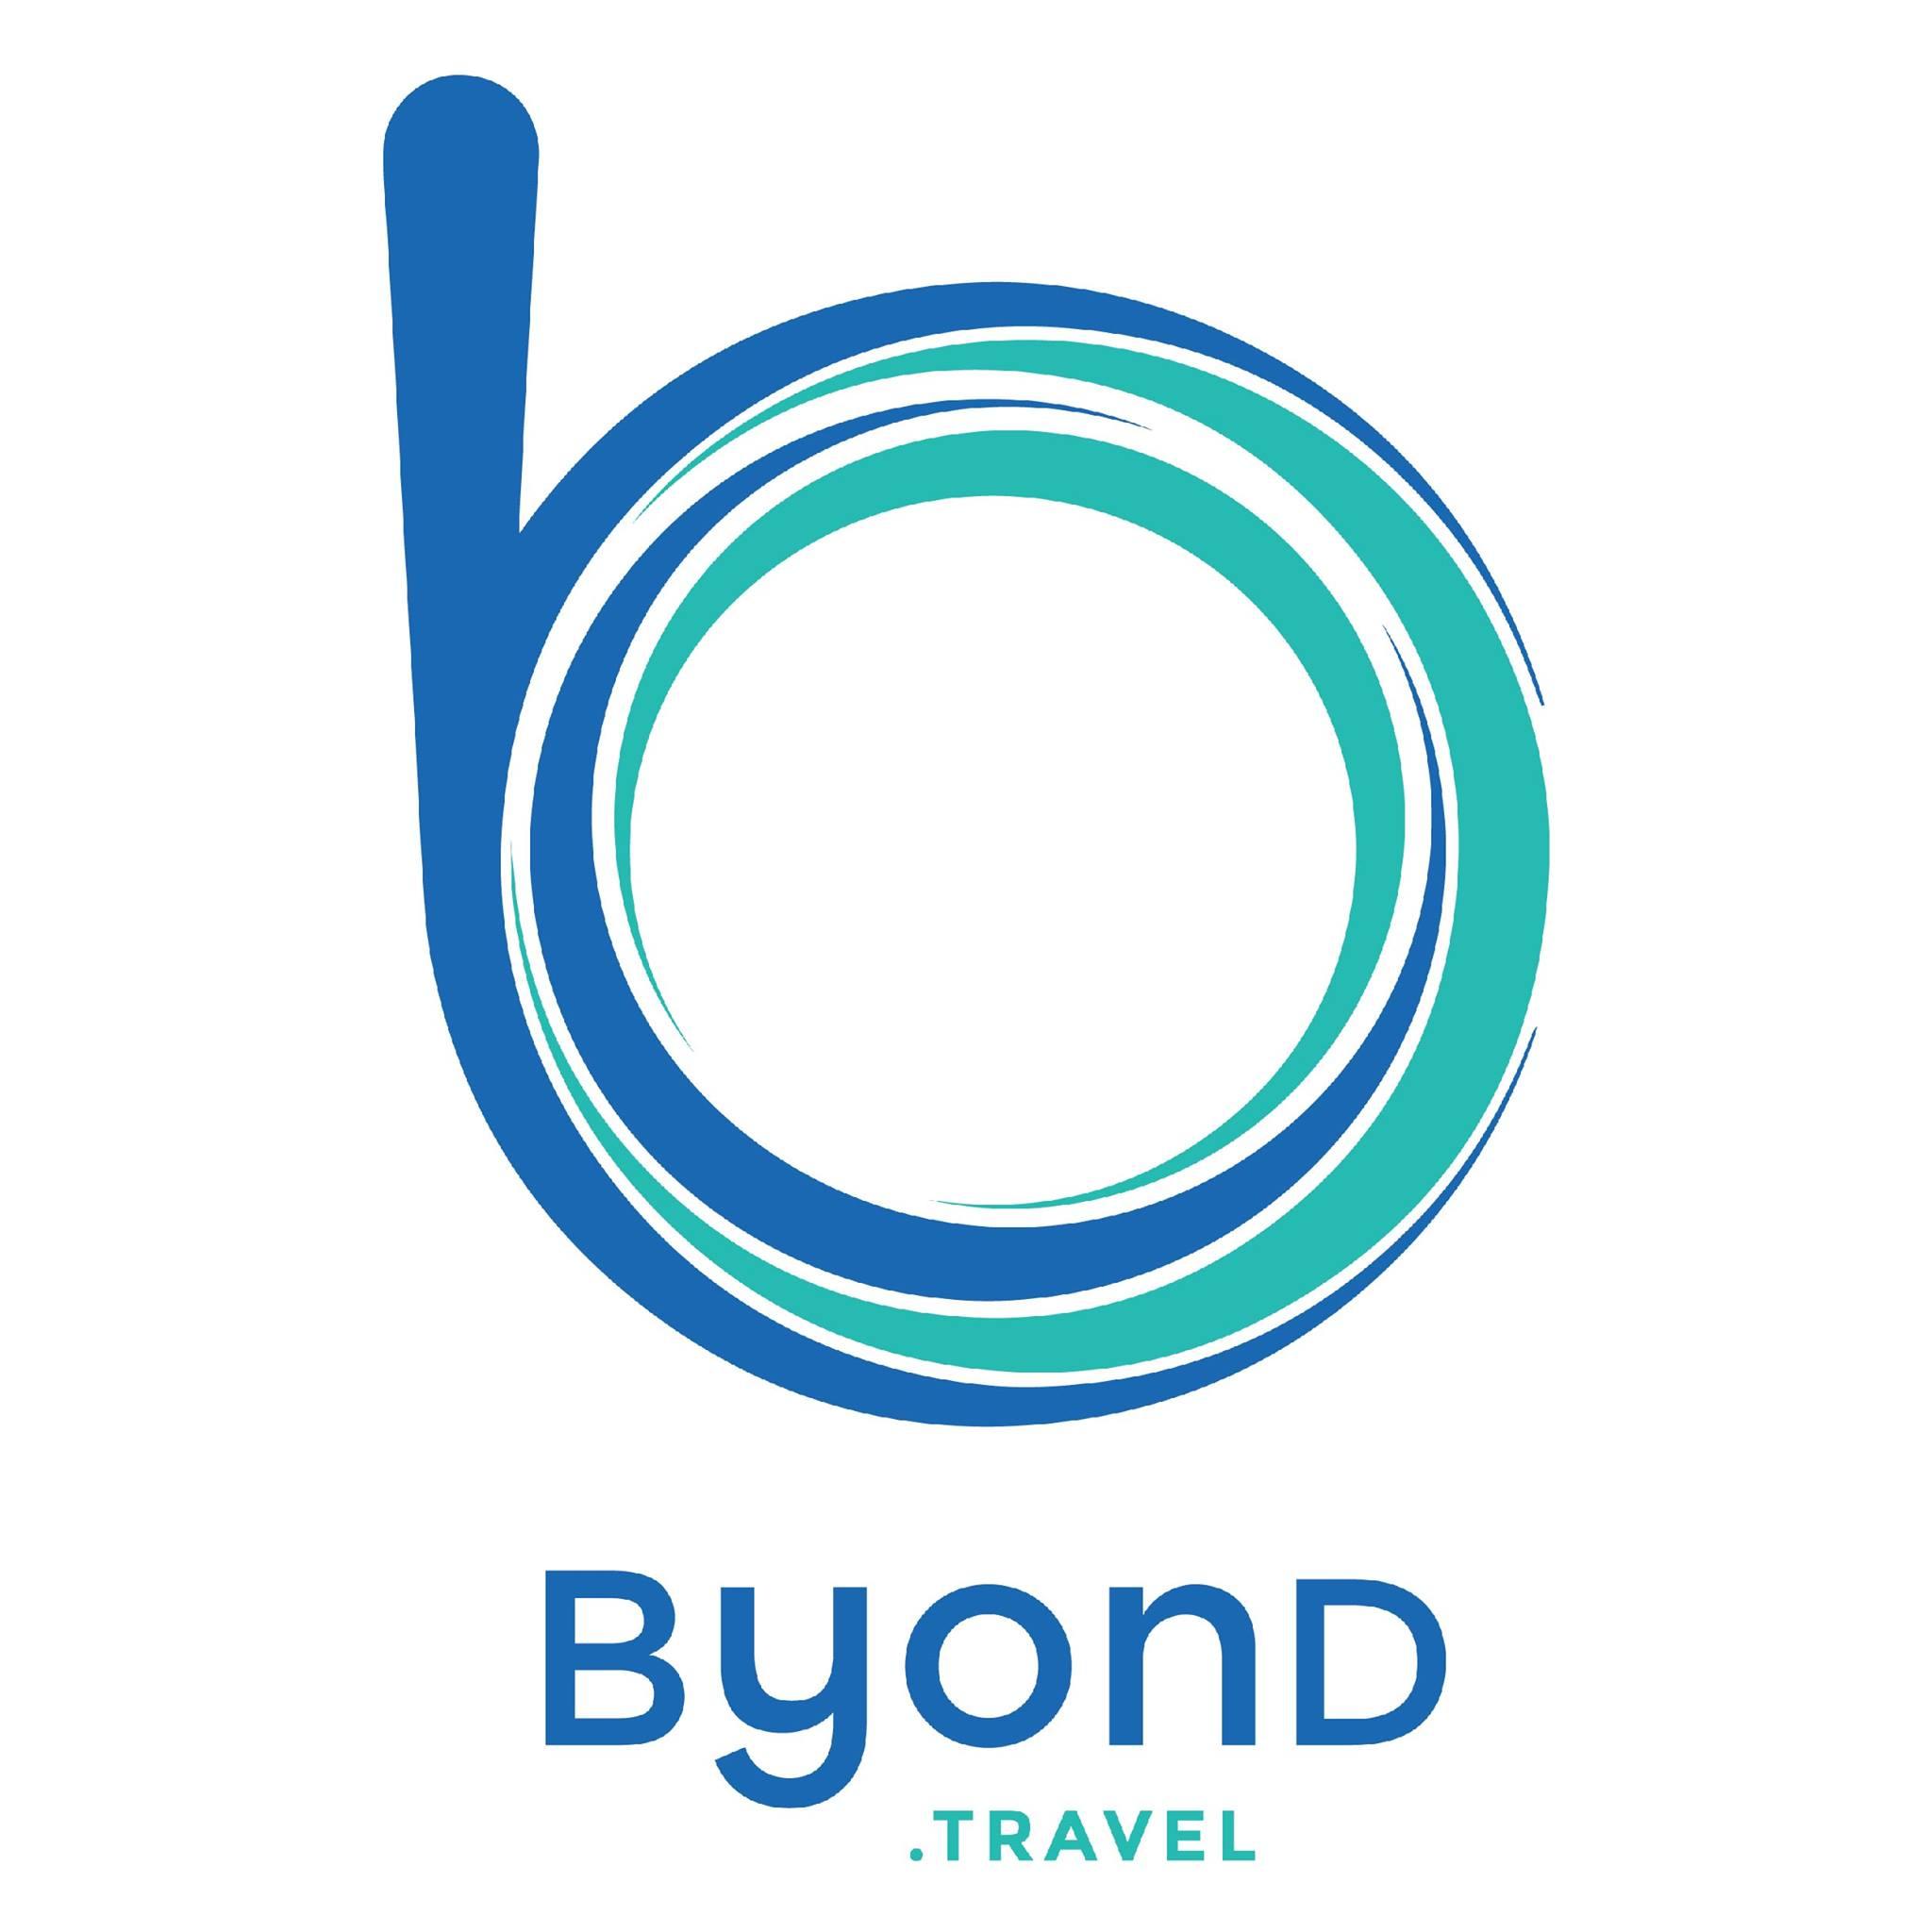 Byond Travel - Bangalore Image